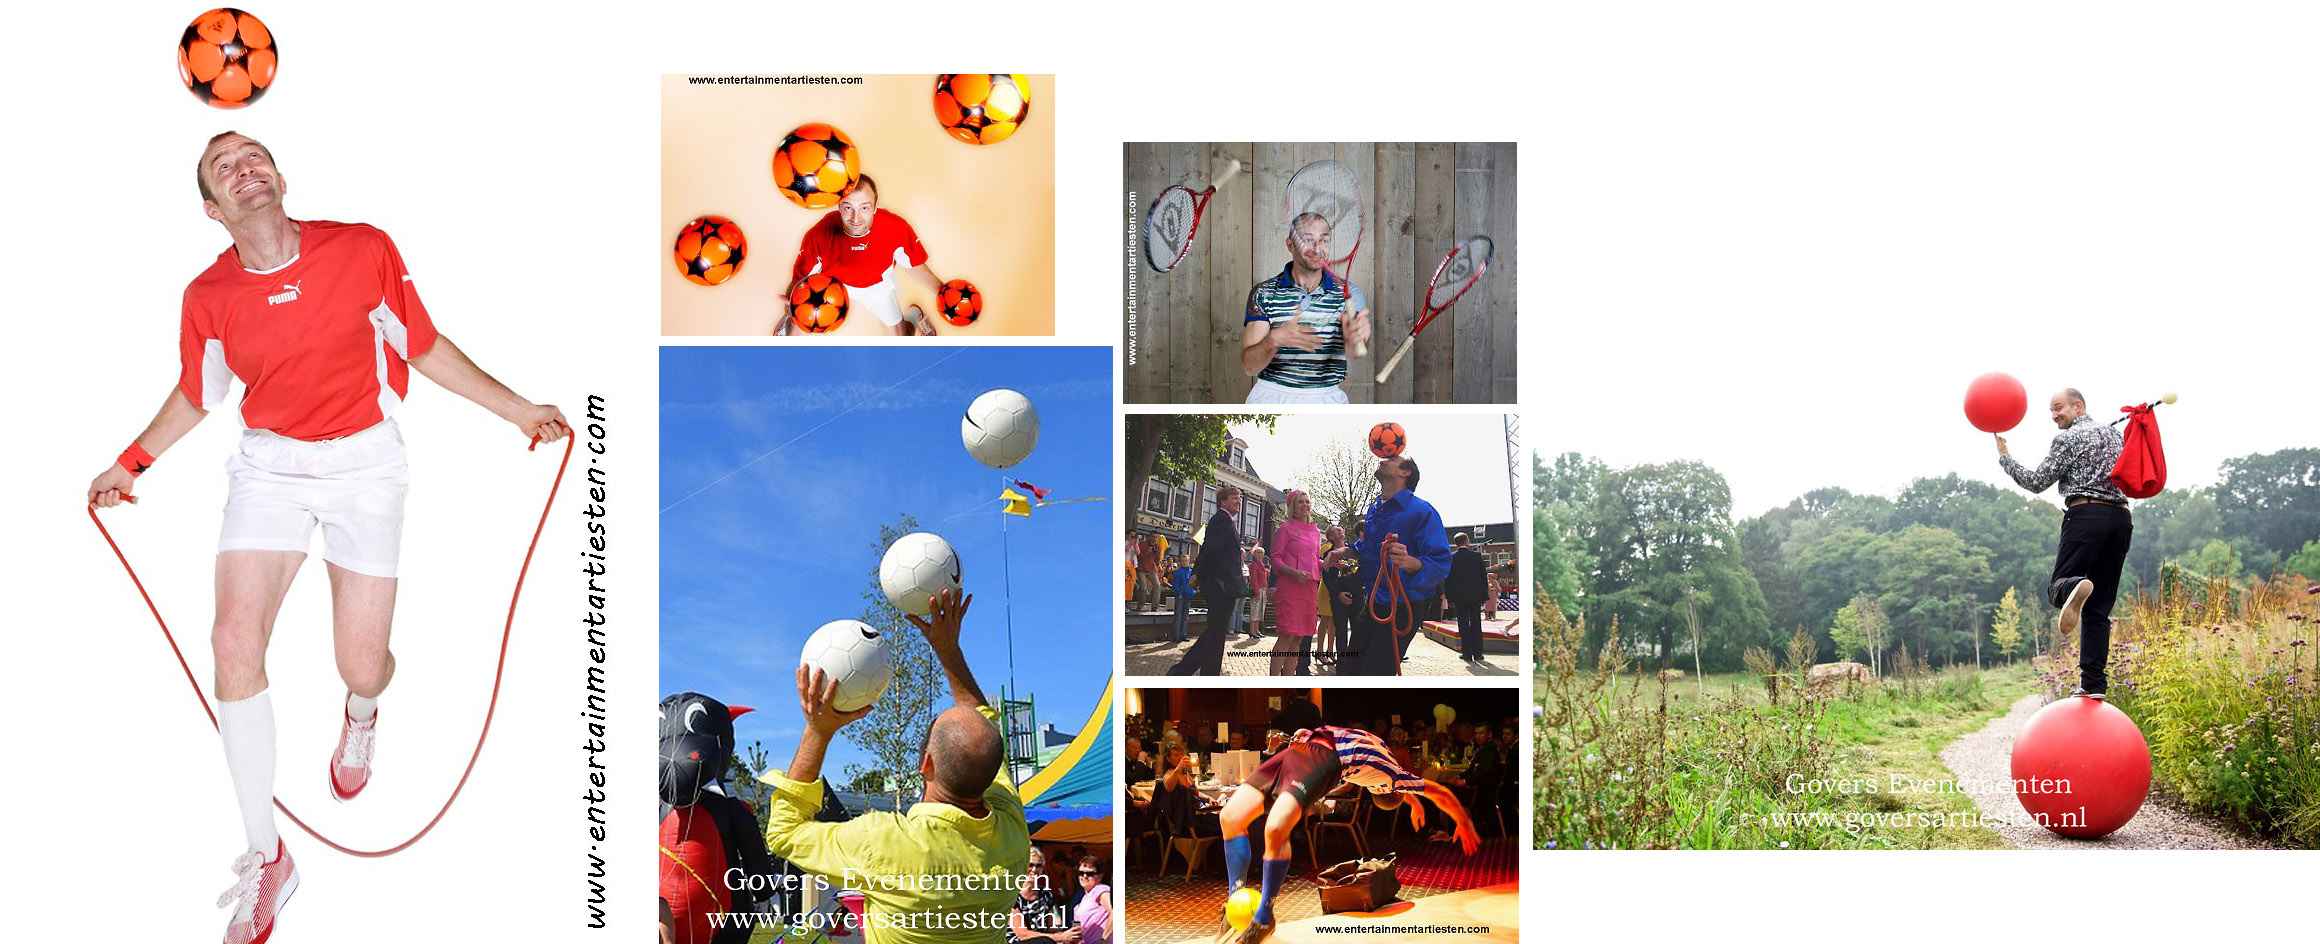 Koning Willem-Alexander en Koningin Máxima genieten vol passie en plezier bij de Voetbal jongleur en luchtacrobatiek, straattheater, jongleren, jongleur, voetbalshow, artiesten boeken, Govers Evenementen, www.goversartiesten.nl